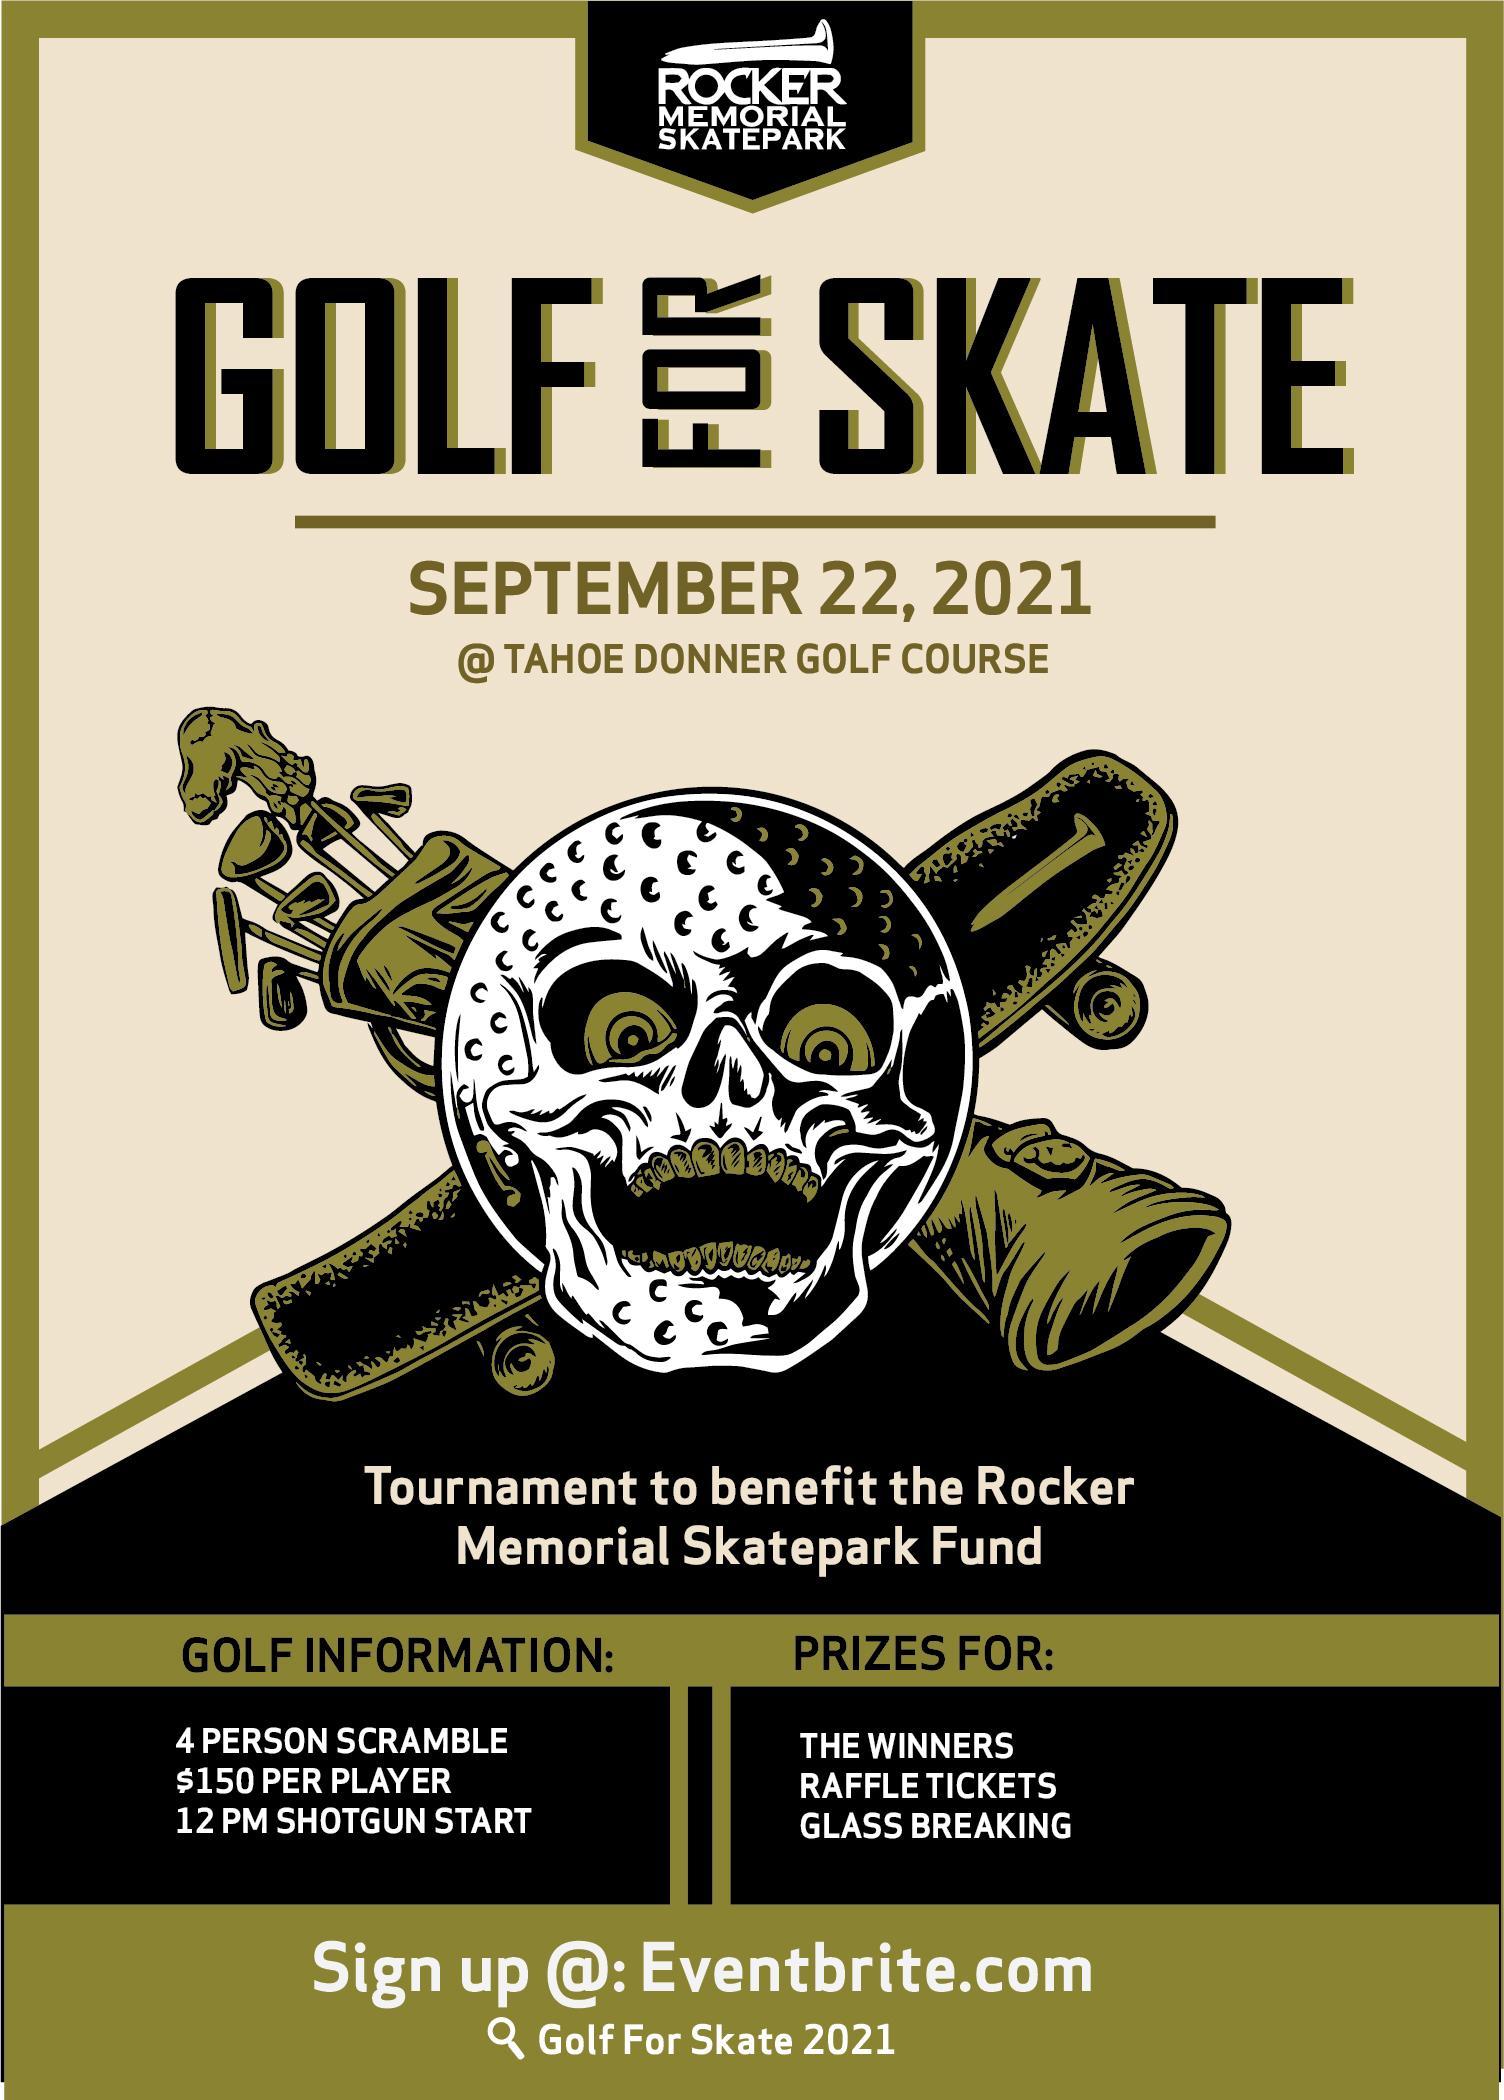 Golf for Skate 2021 Golf Tournament